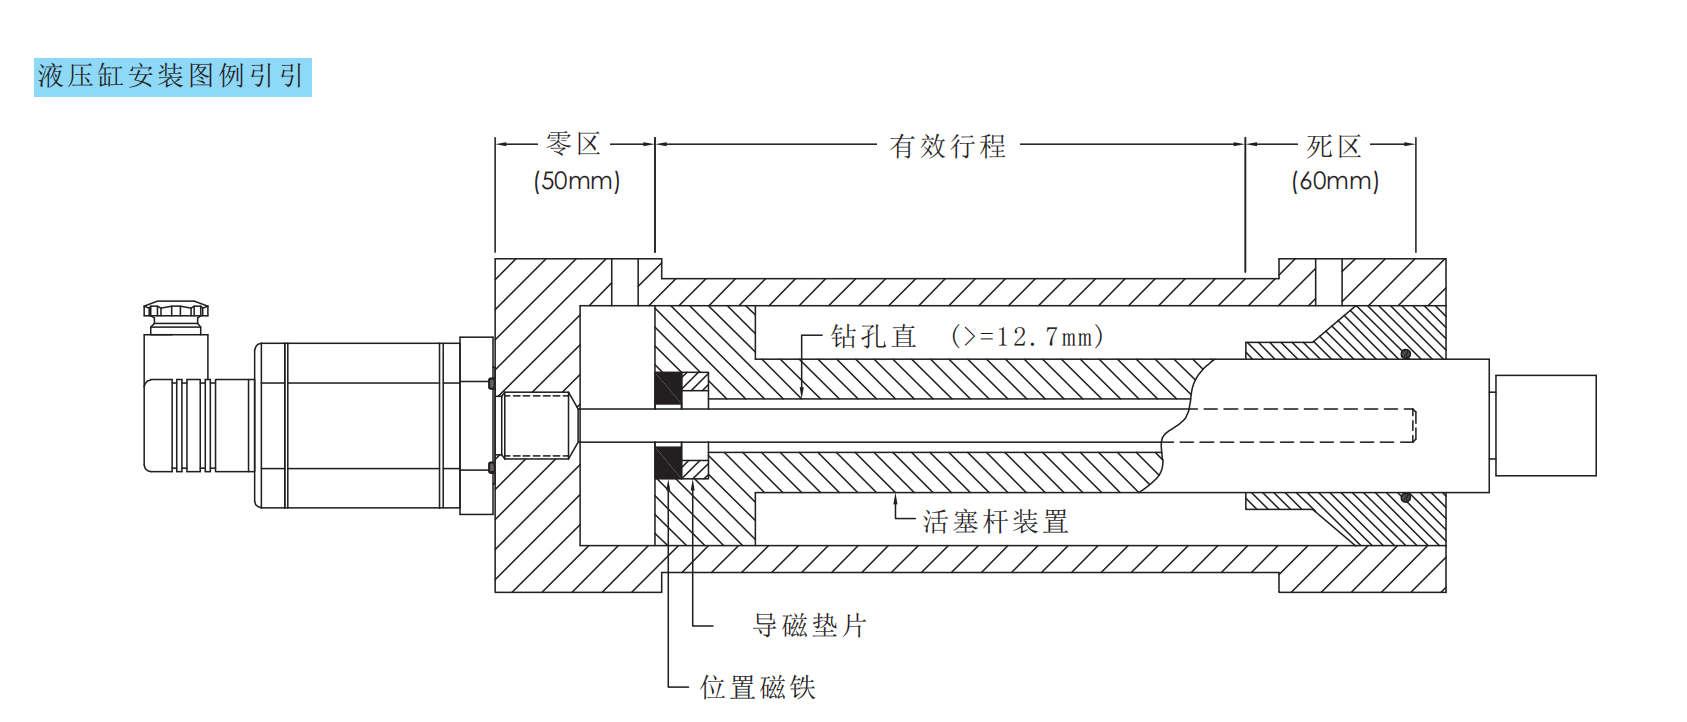 内置油缸磁致伸缩位移传感器安装示意图